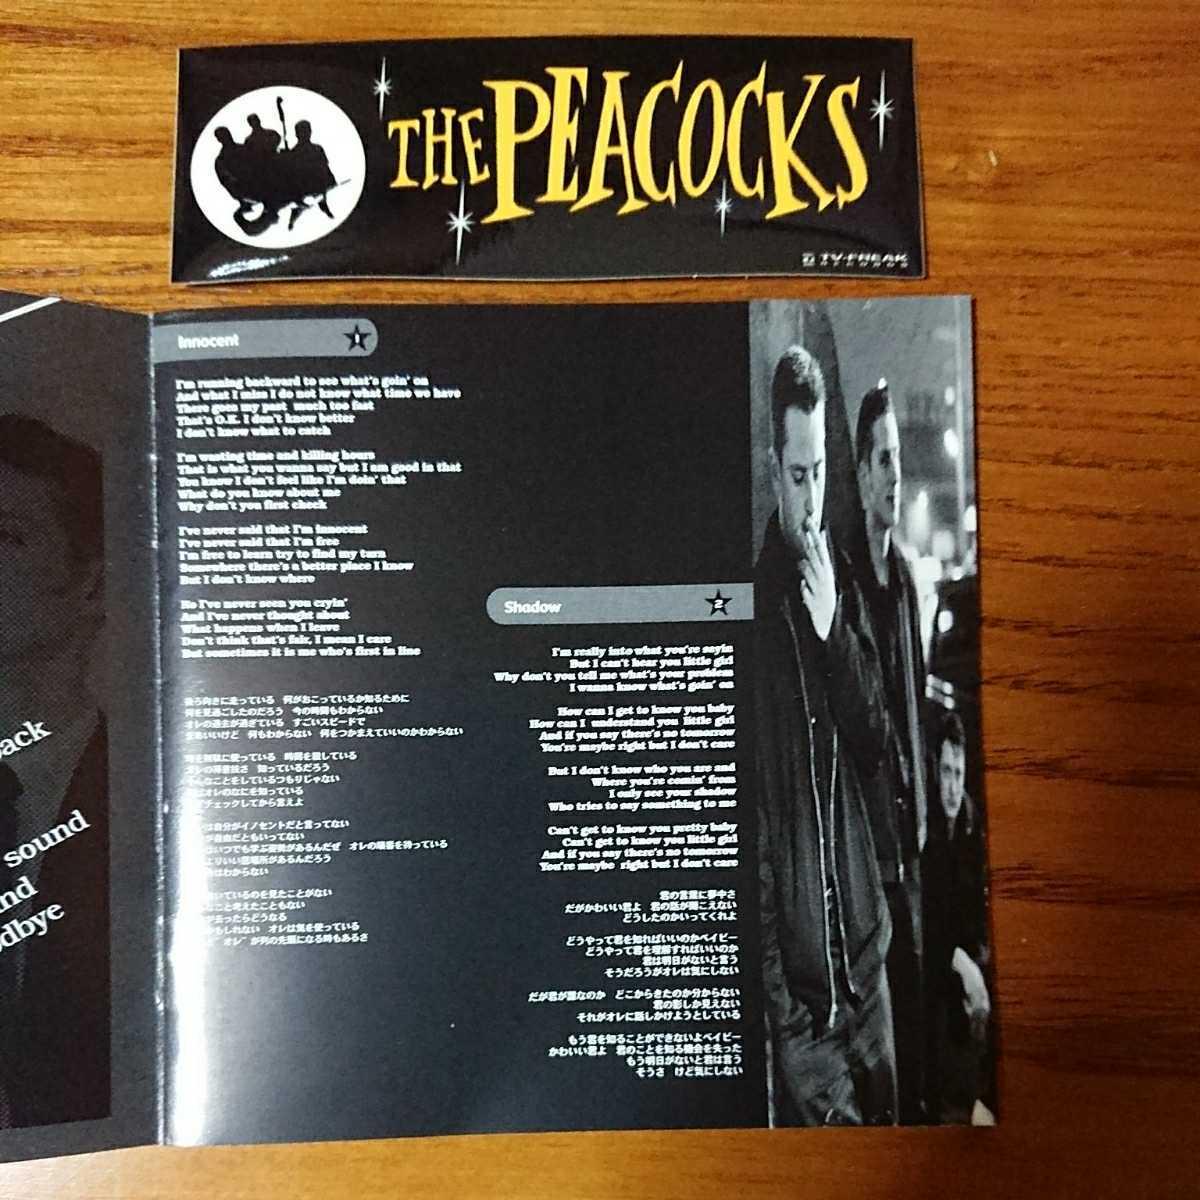 THE-PEACOCKSザ・ピーコックスCD/ロカビリー・ネオロカビリー・サイコビリー・ジャズ・パンクロック・ロックンロール_画像5